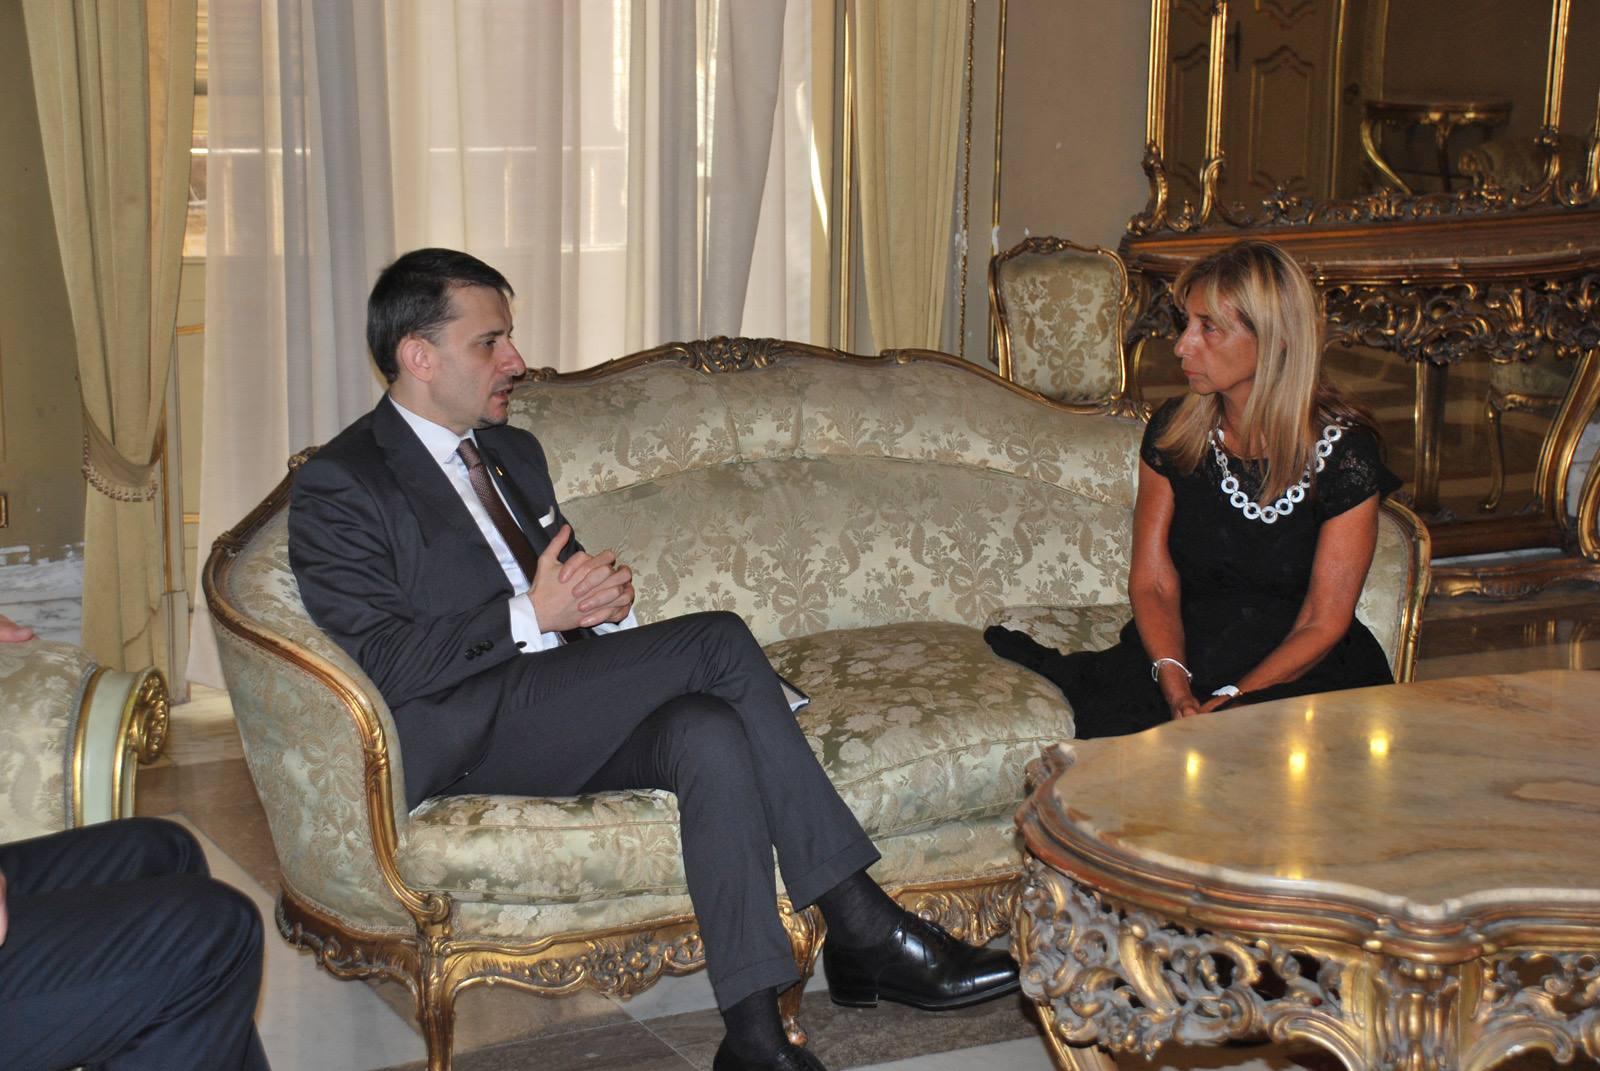 Întâlnirea ambasadorului George Bologan cu prefectul de Catania, Silvana Riccio